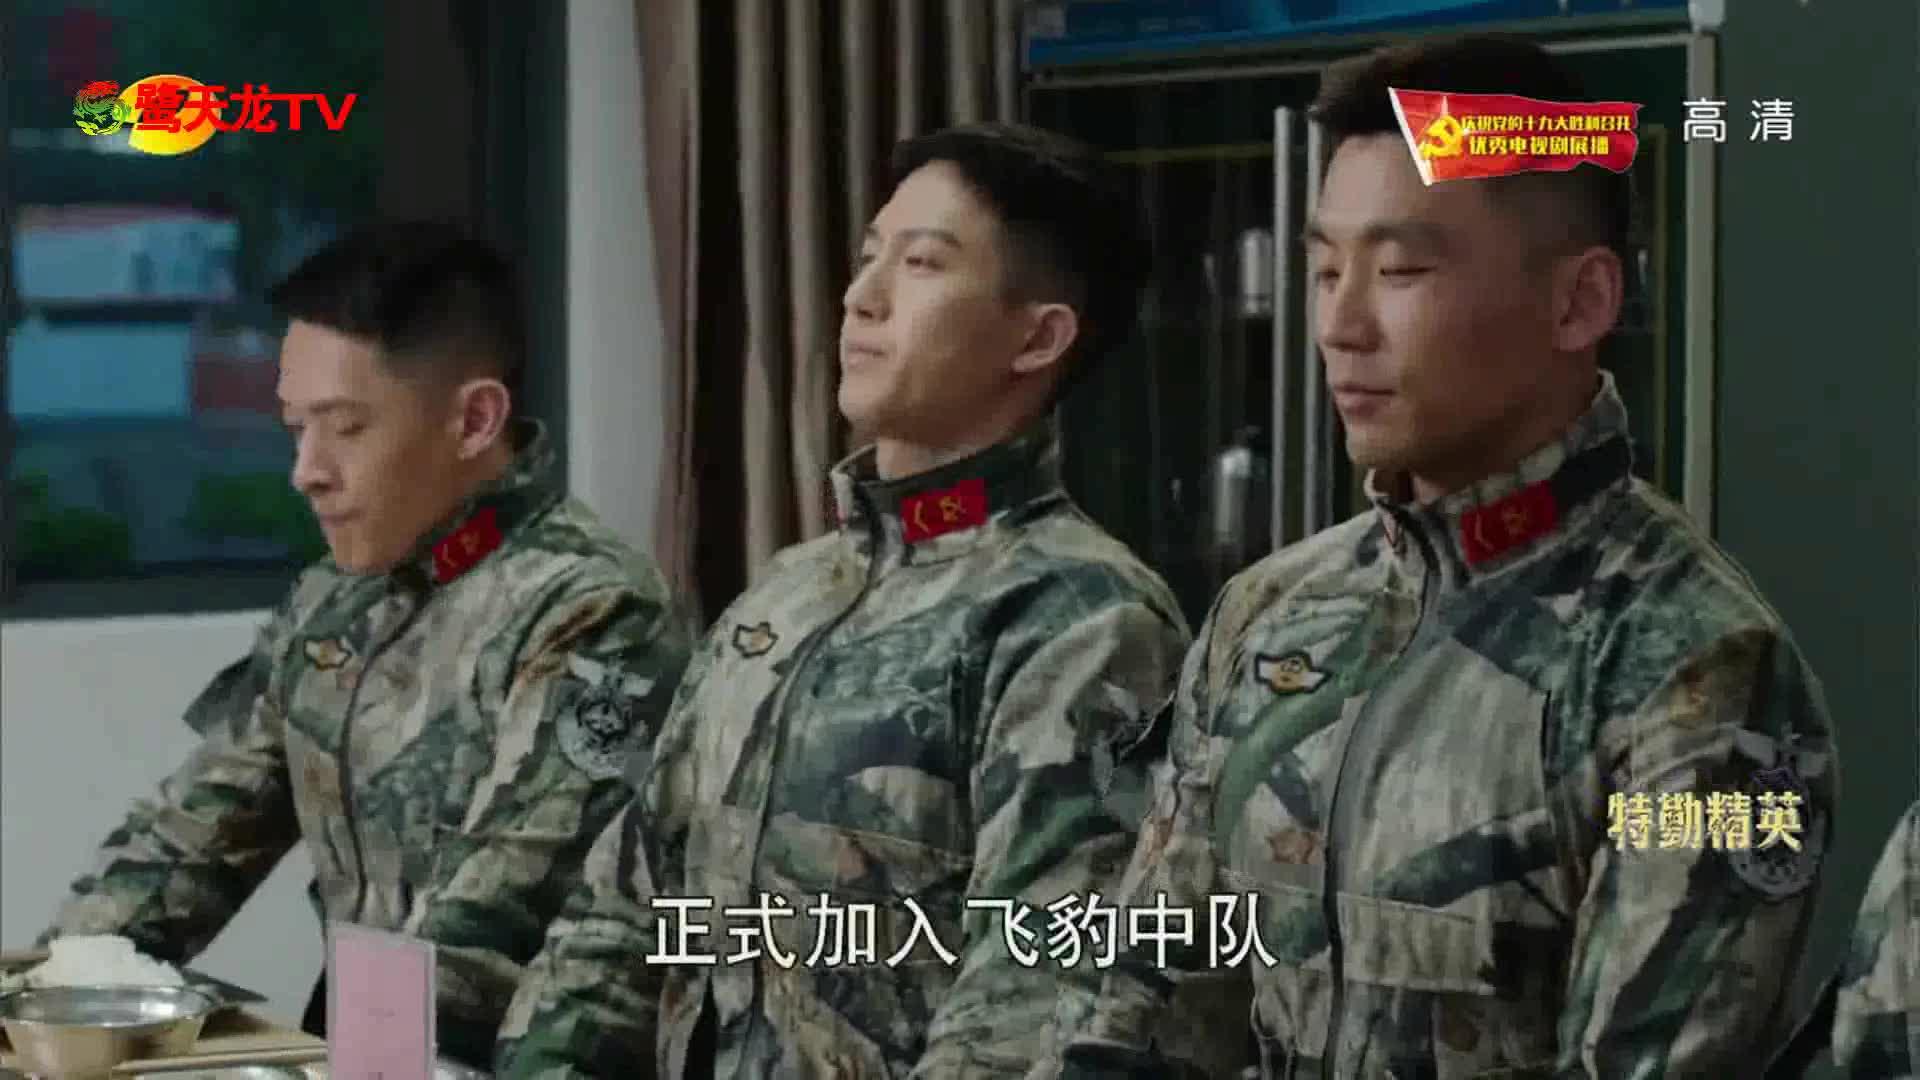 林毅正式加入飞豹队 第一天被耍洗餐盘